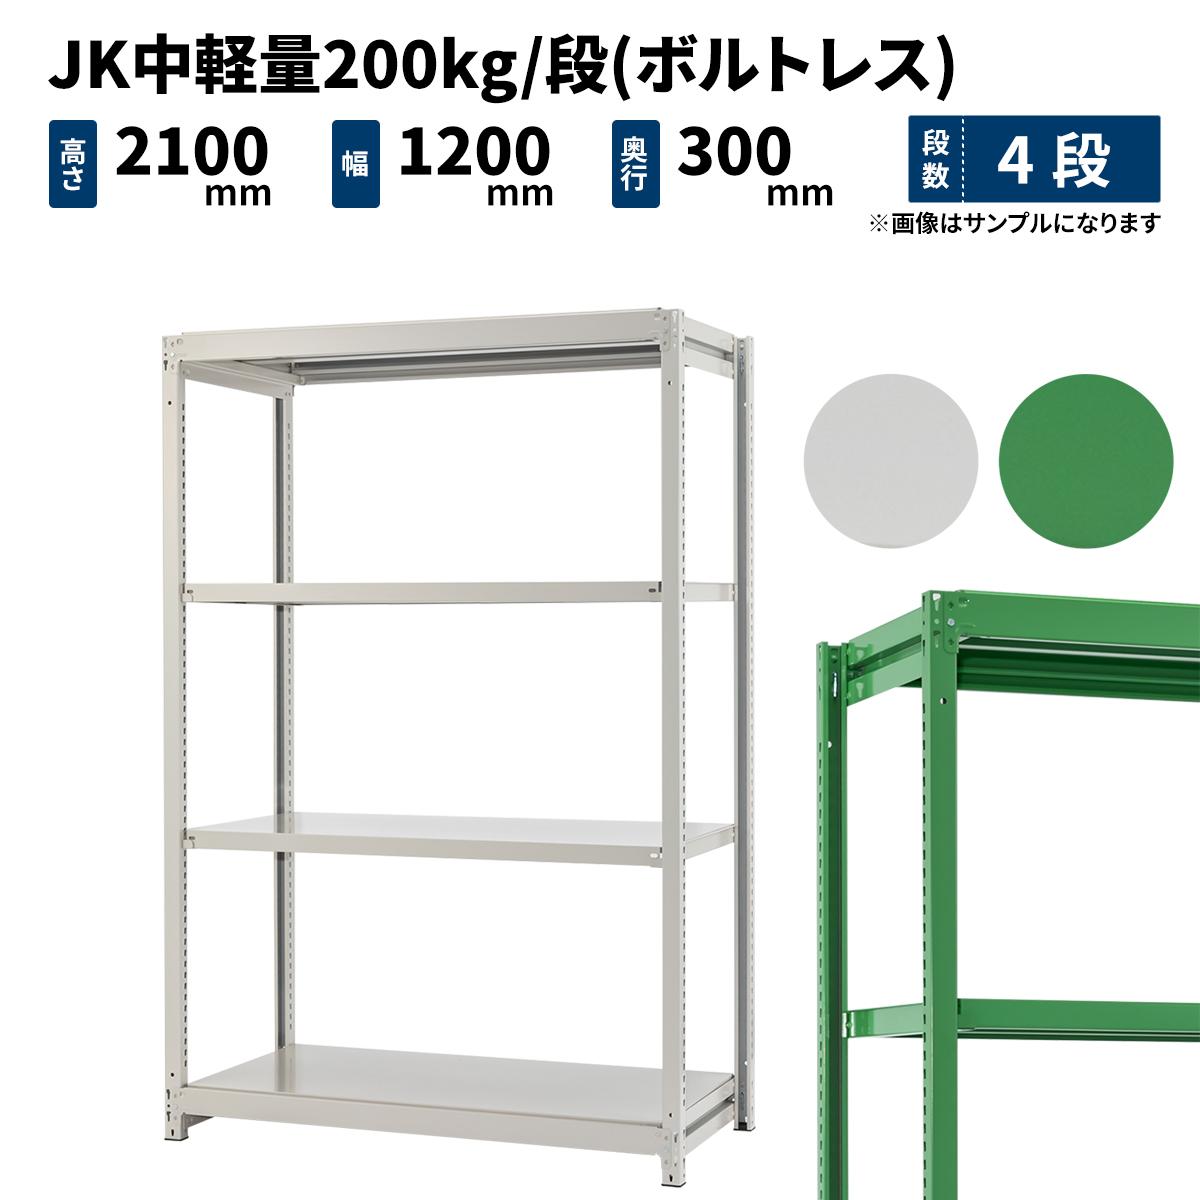 スチールラック 業務用 JK中軽量200kg/段(ボルトレス) 単体形式 高さ2100×幅1200×奥行300mm 4段 ホワイトグレー/グリーン (39kg) JK200_T-211203-4